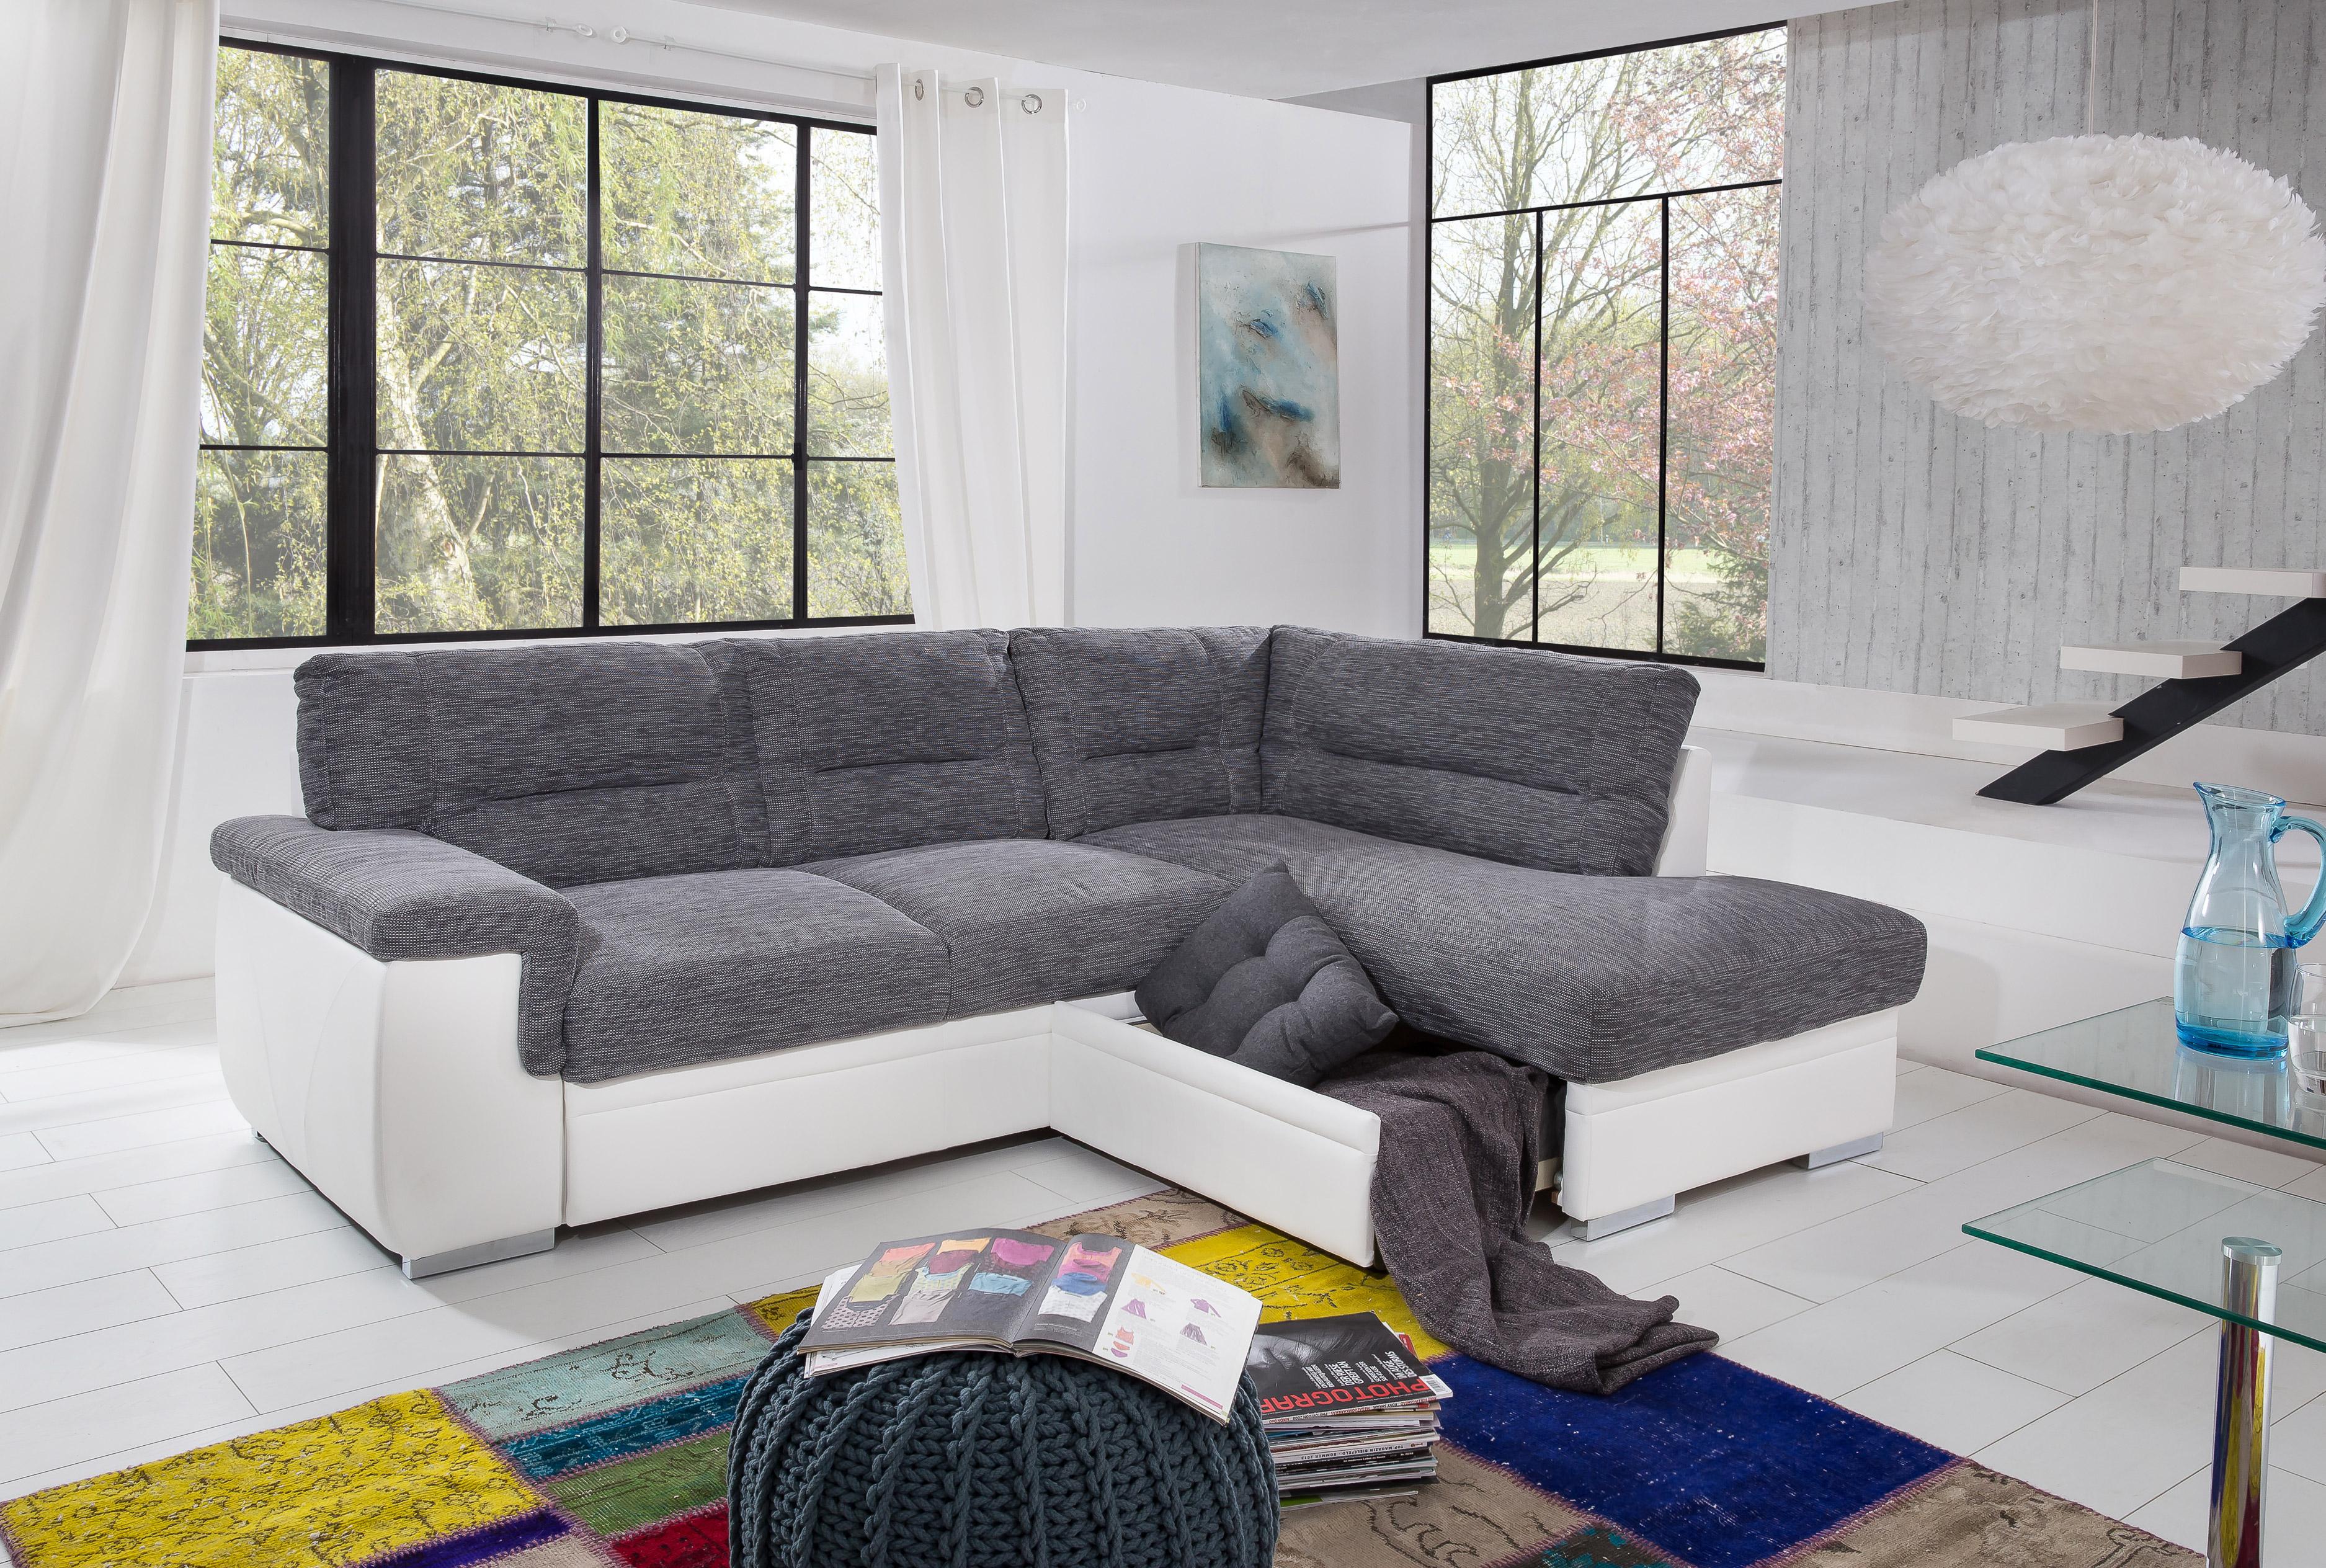 cotta odin eckcouch grau wei m bel letz ihr online shop. Black Bedroom Furniture Sets. Home Design Ideas